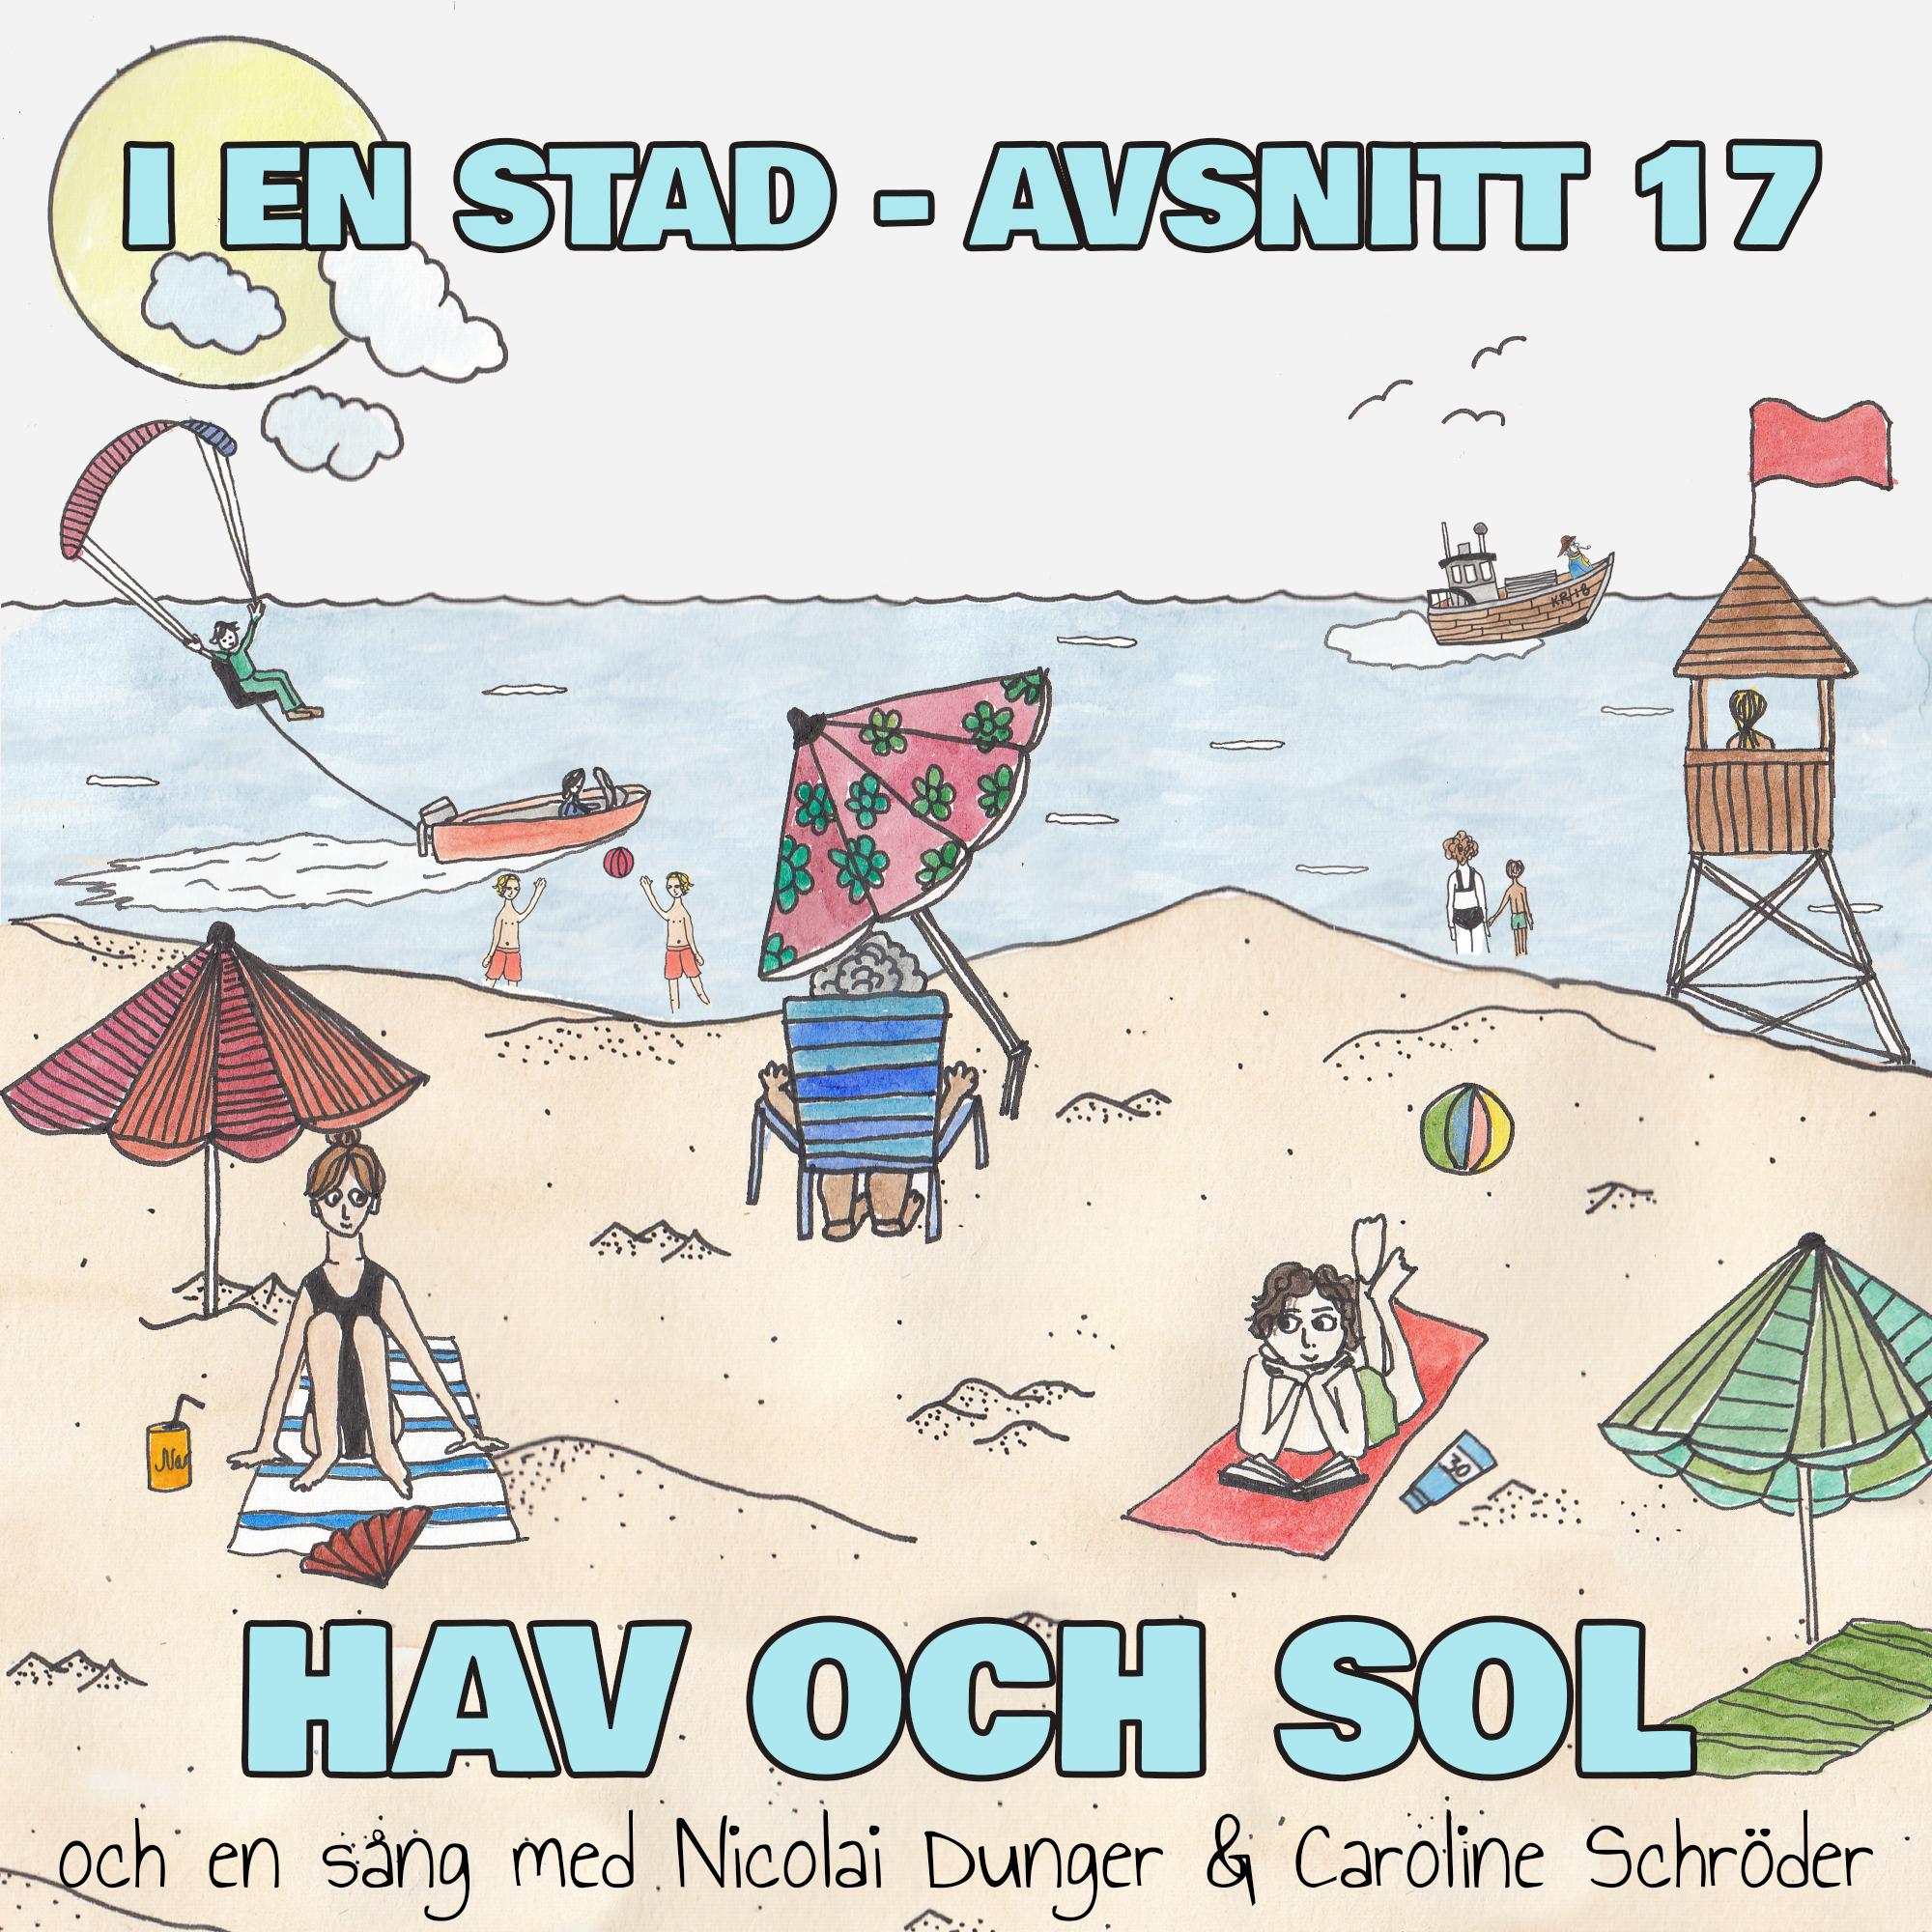 HAV OCH SOL feat. Nicolai Dunger & Caroline Schröder